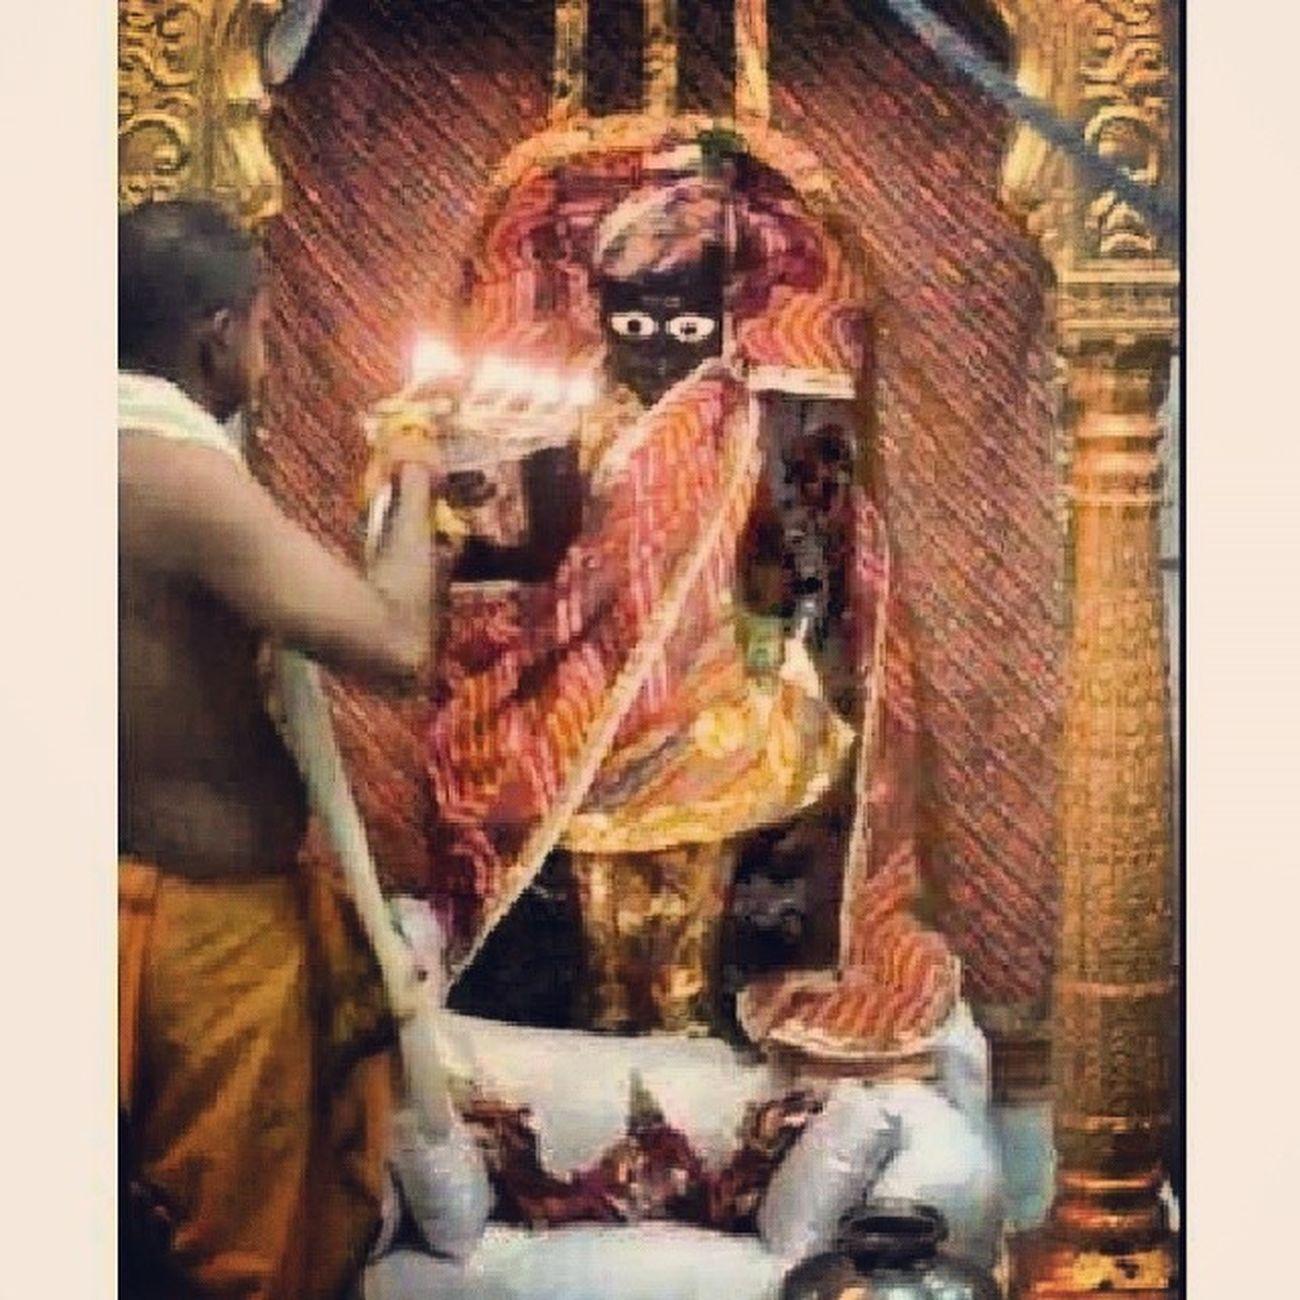 Manglaaarti Holyflame God Ranchhodrai dakor darshan feelgood